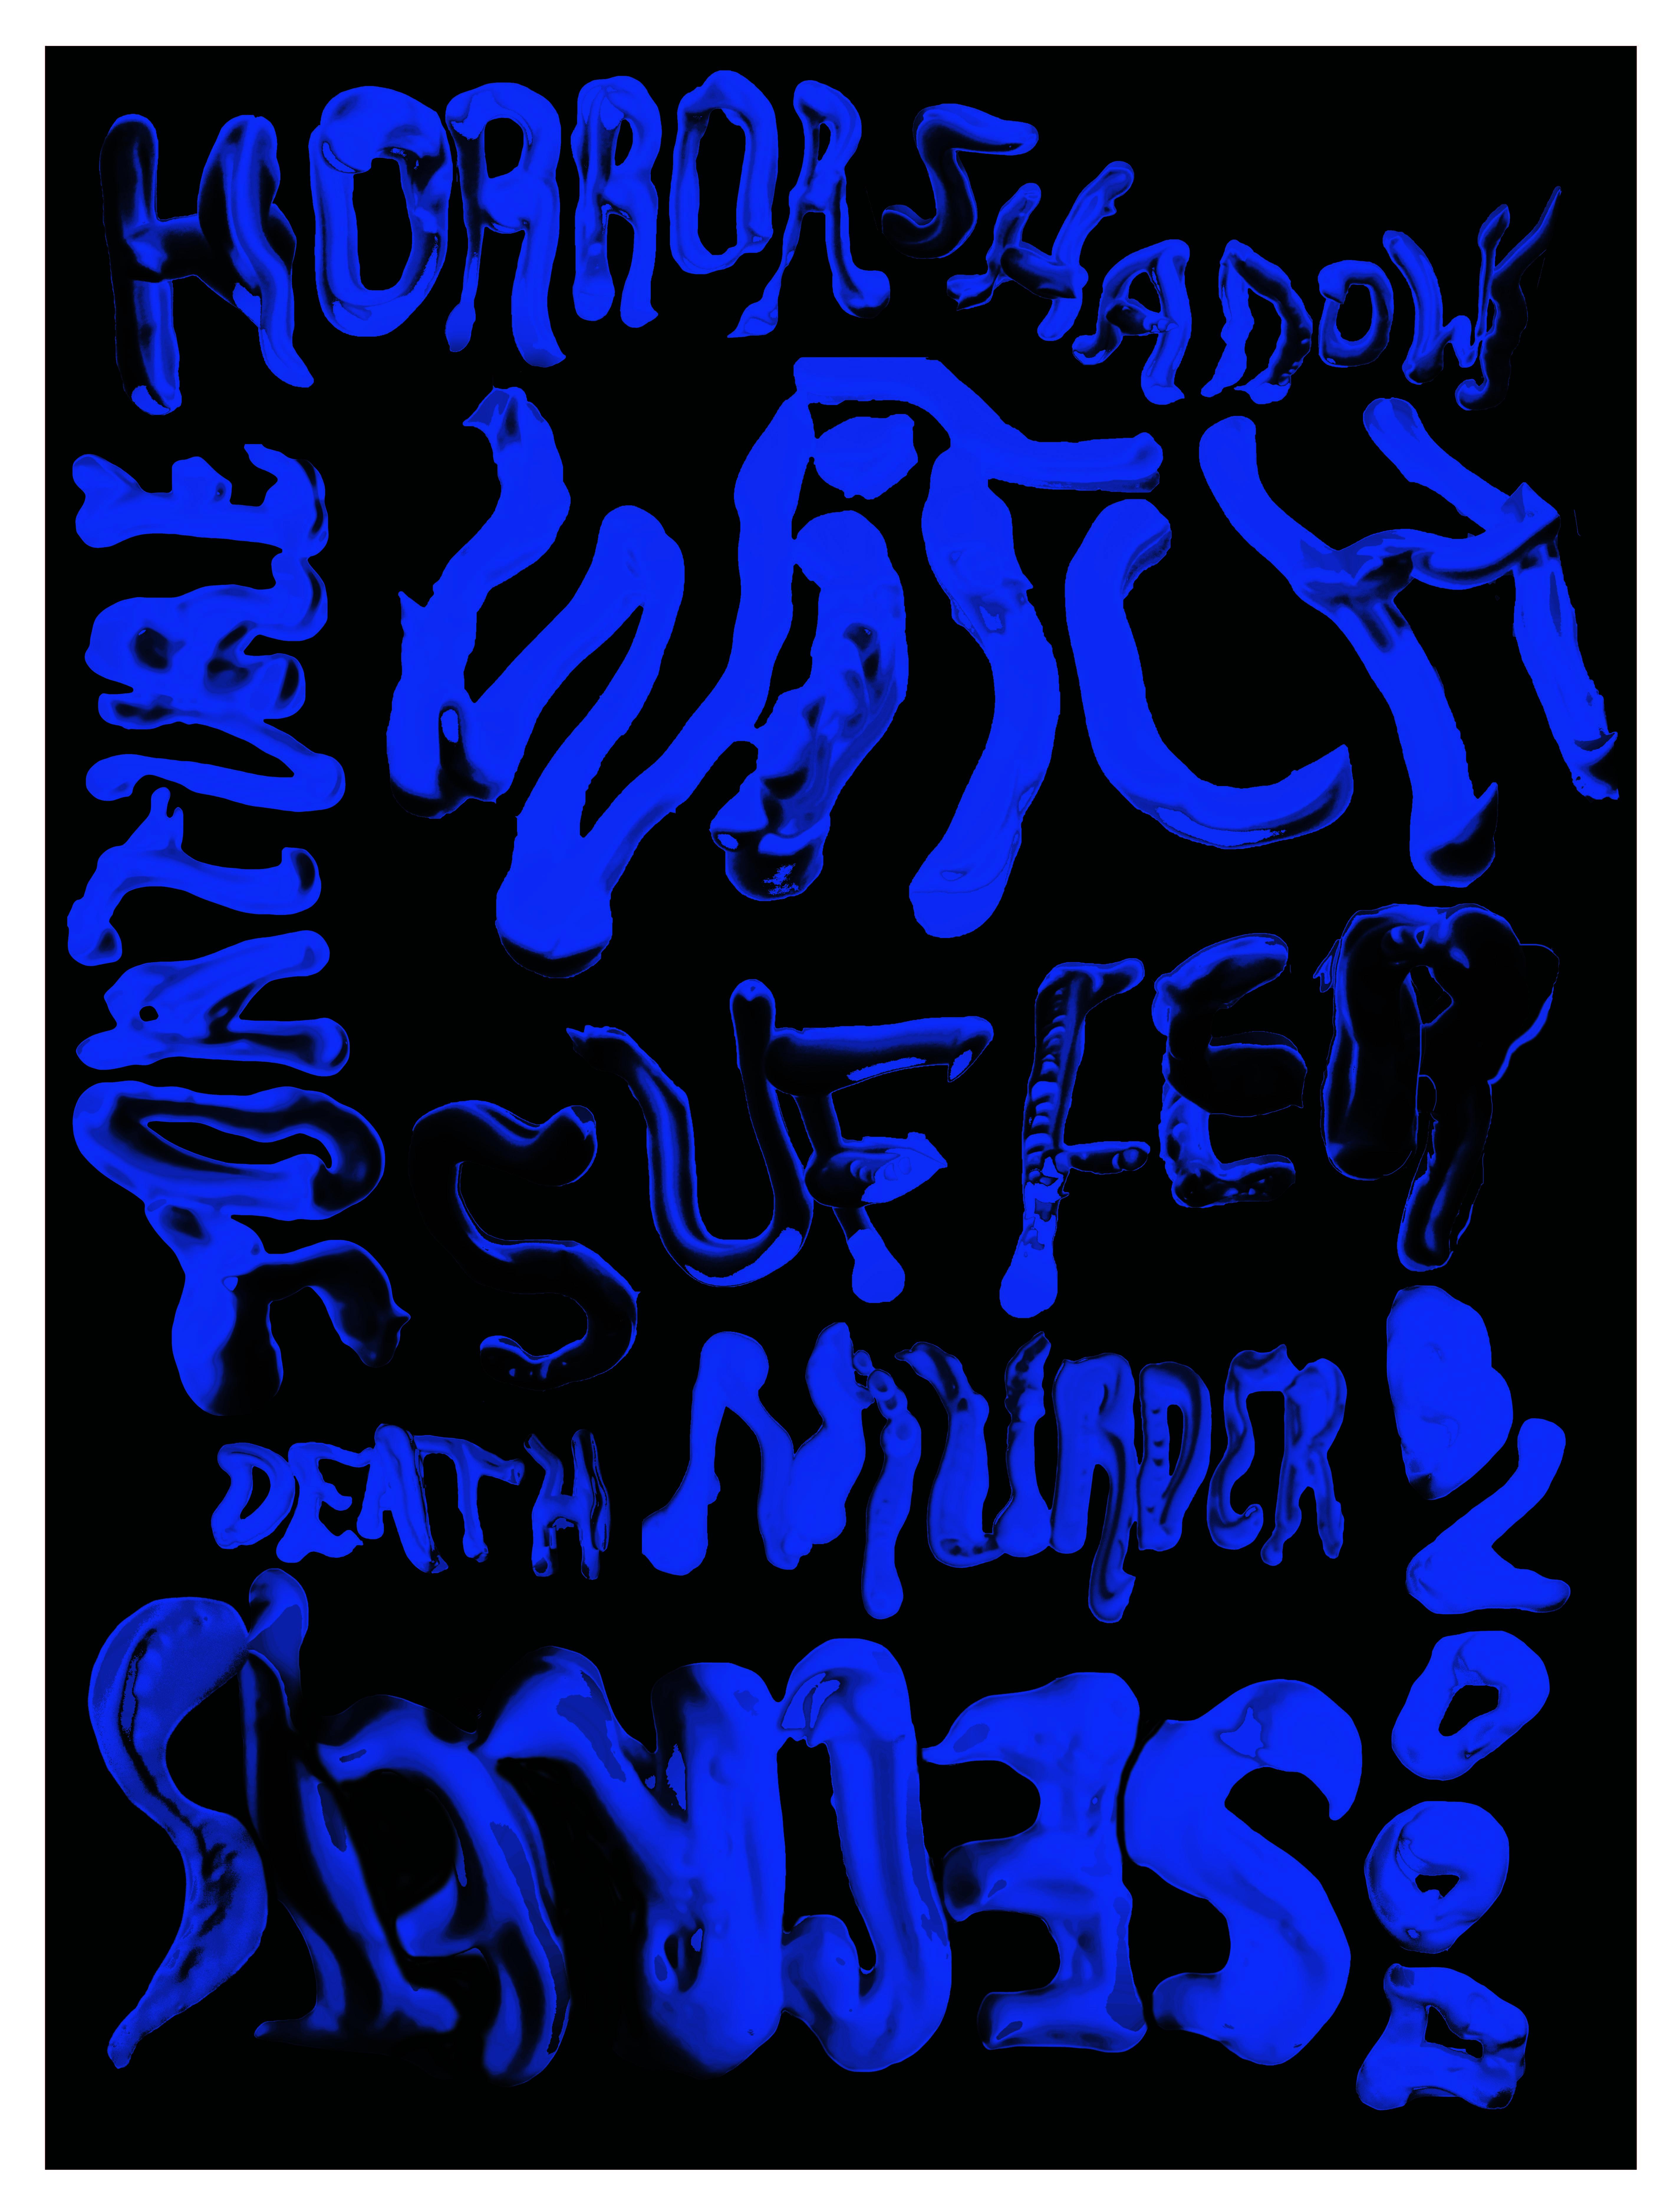 Suspiria Typographic Film Poster